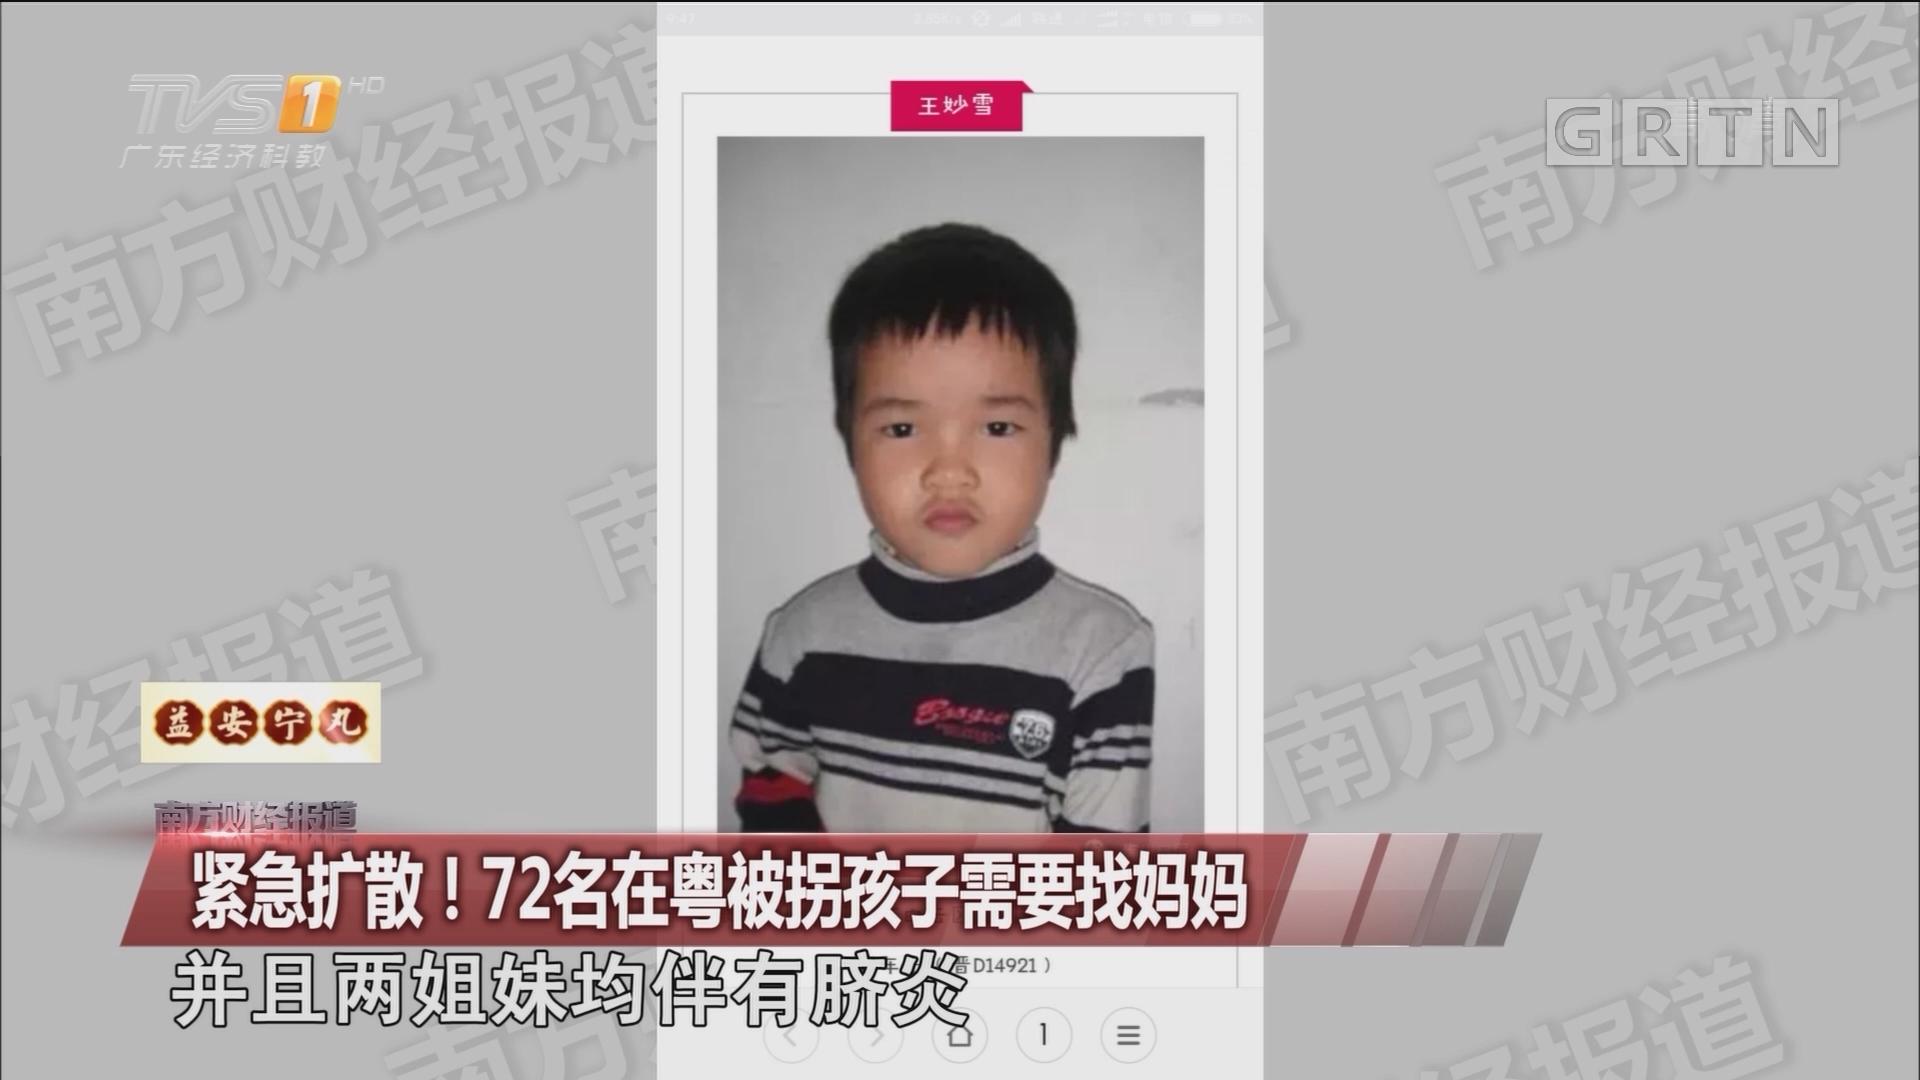 紧急扩散!72名在粤被拐孩子需要找妈妈